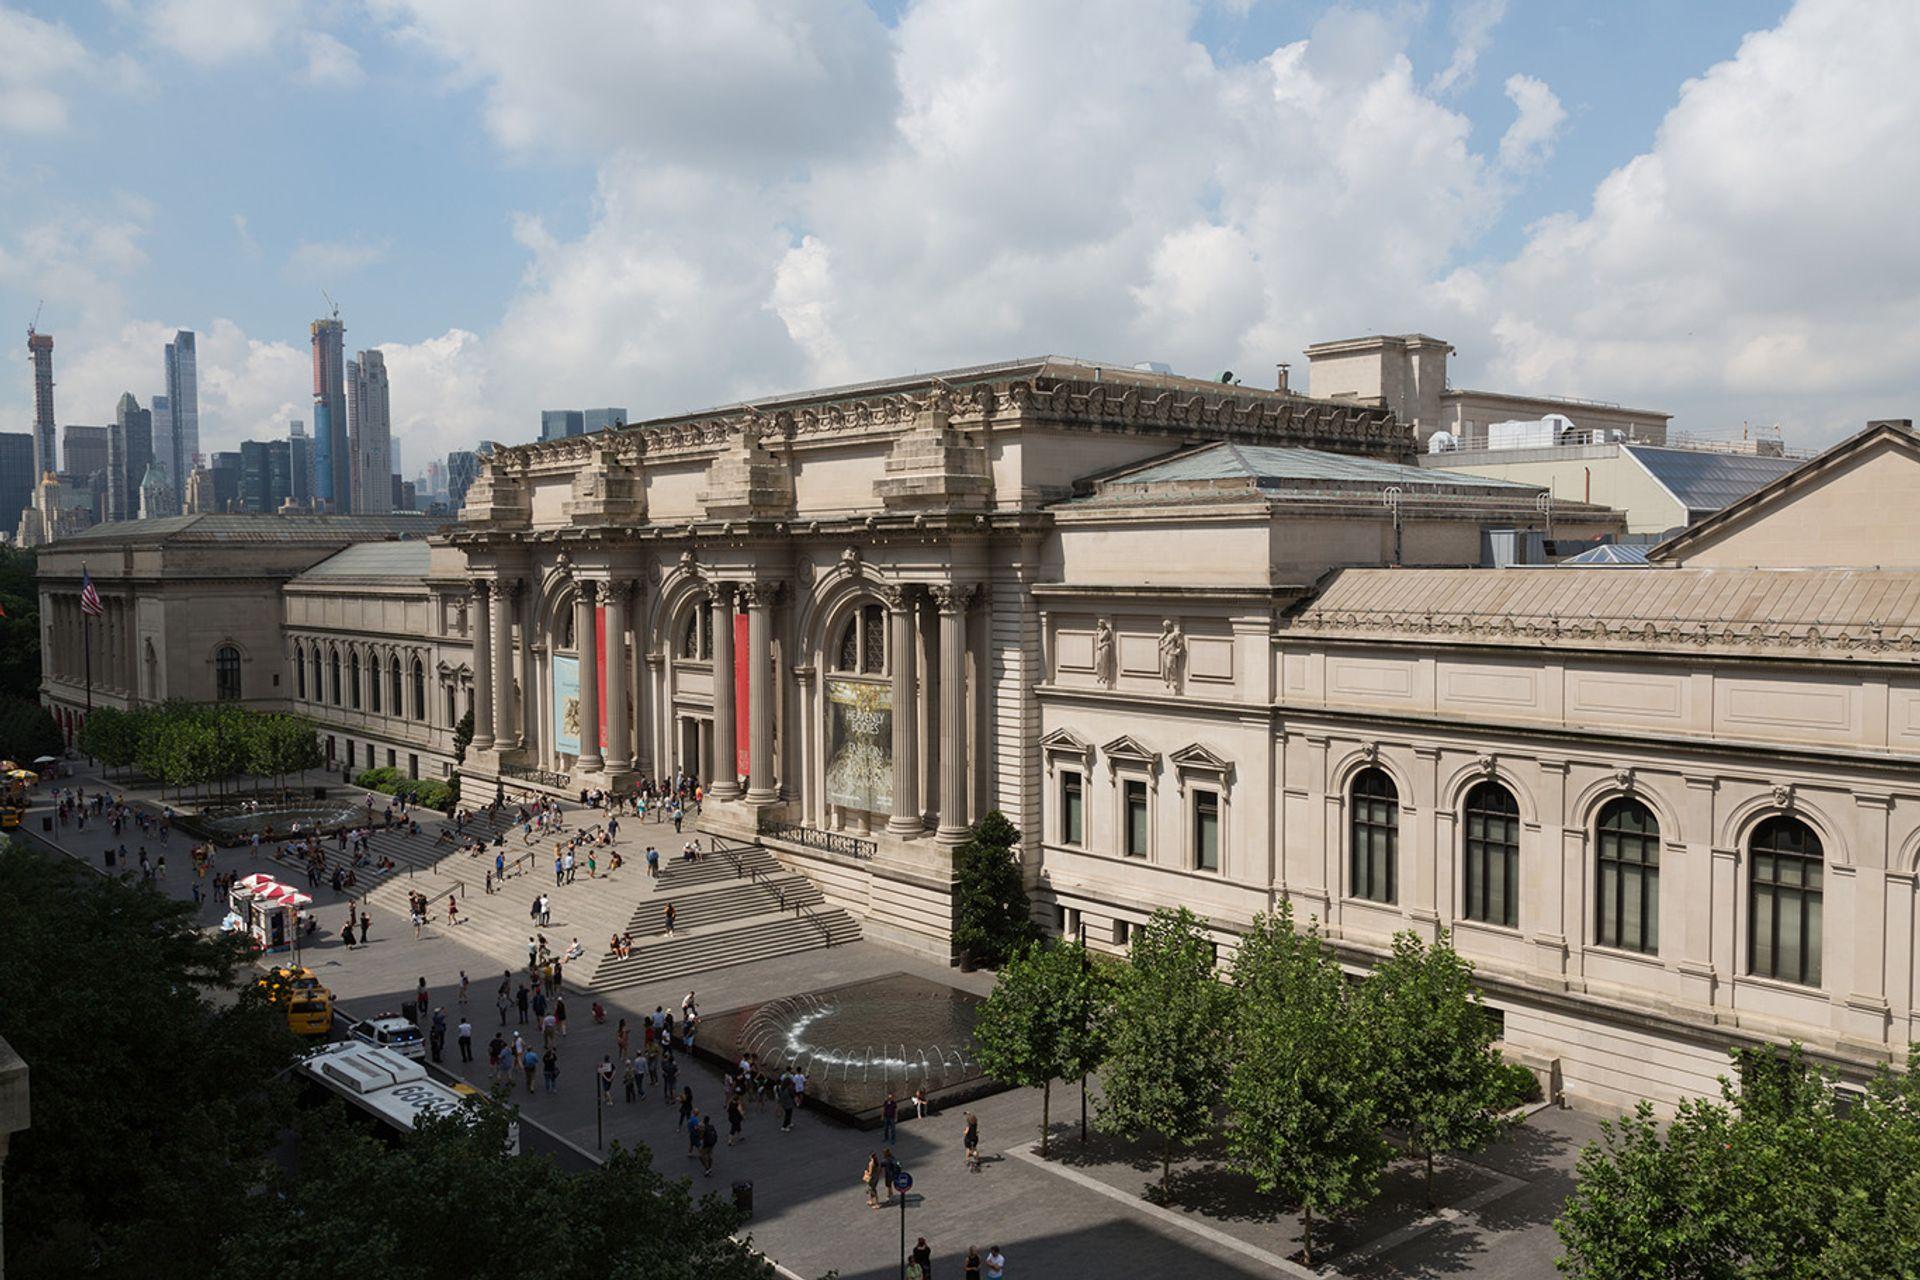 The Metropolitan Museum of Art in New York Courtesy of the Metropolitan Museum of Art